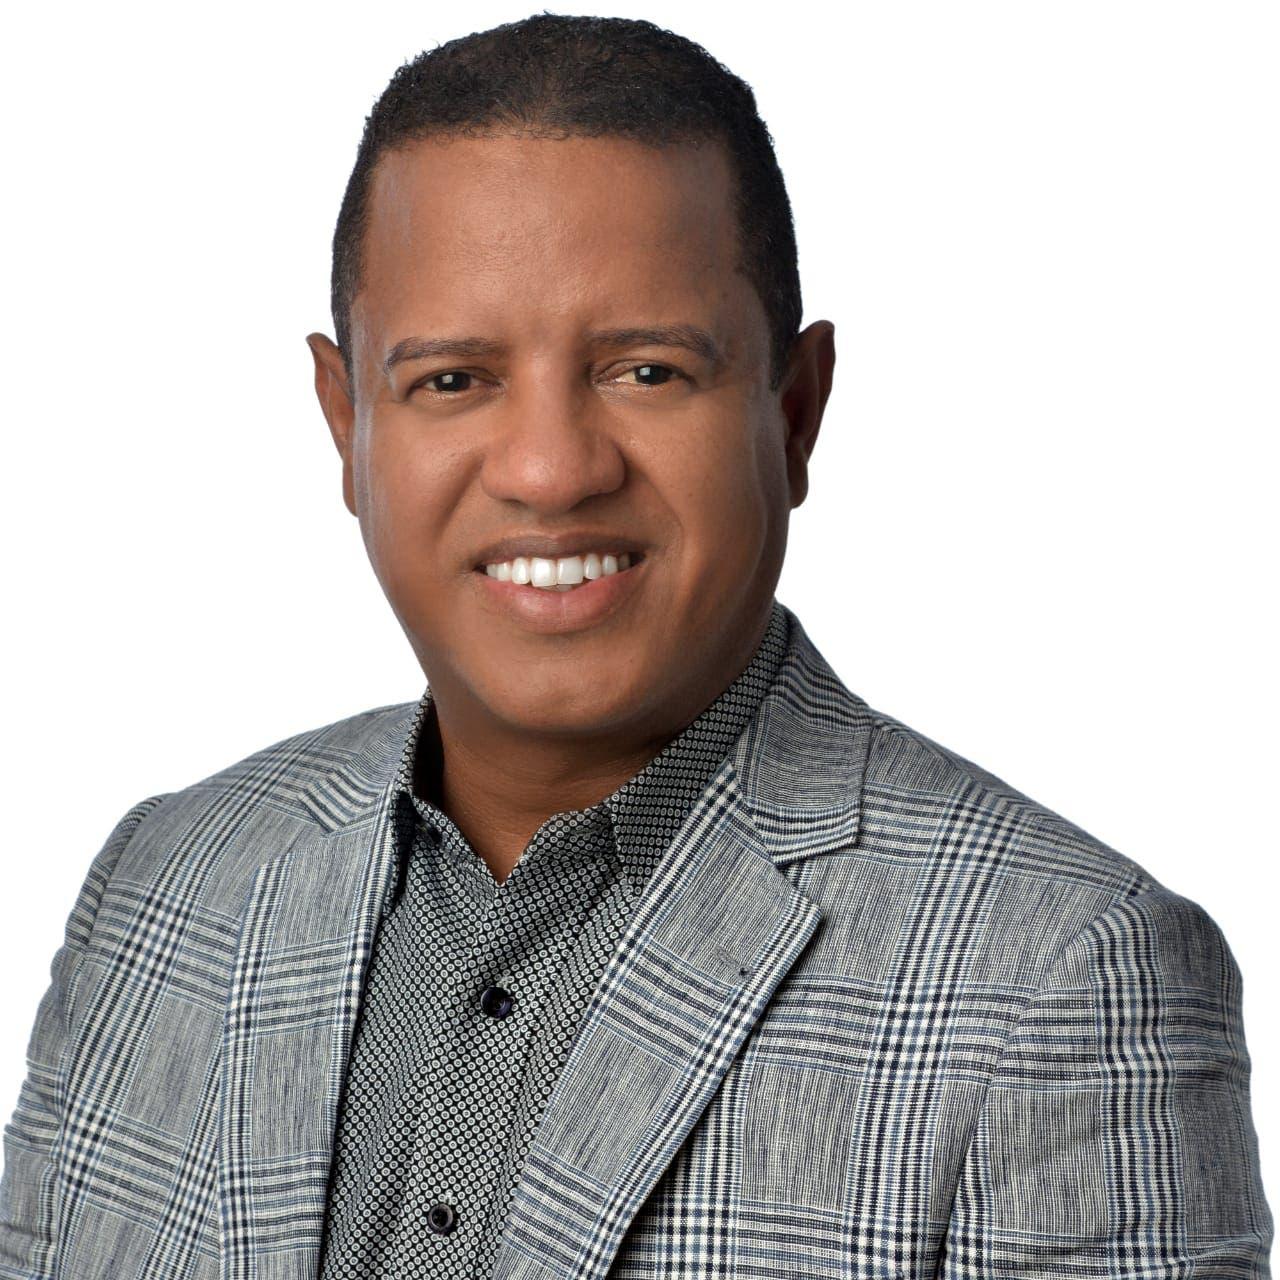 Miguel Valoy, candidato a la presidencia del CODIA , confía elecciones serán transparentes